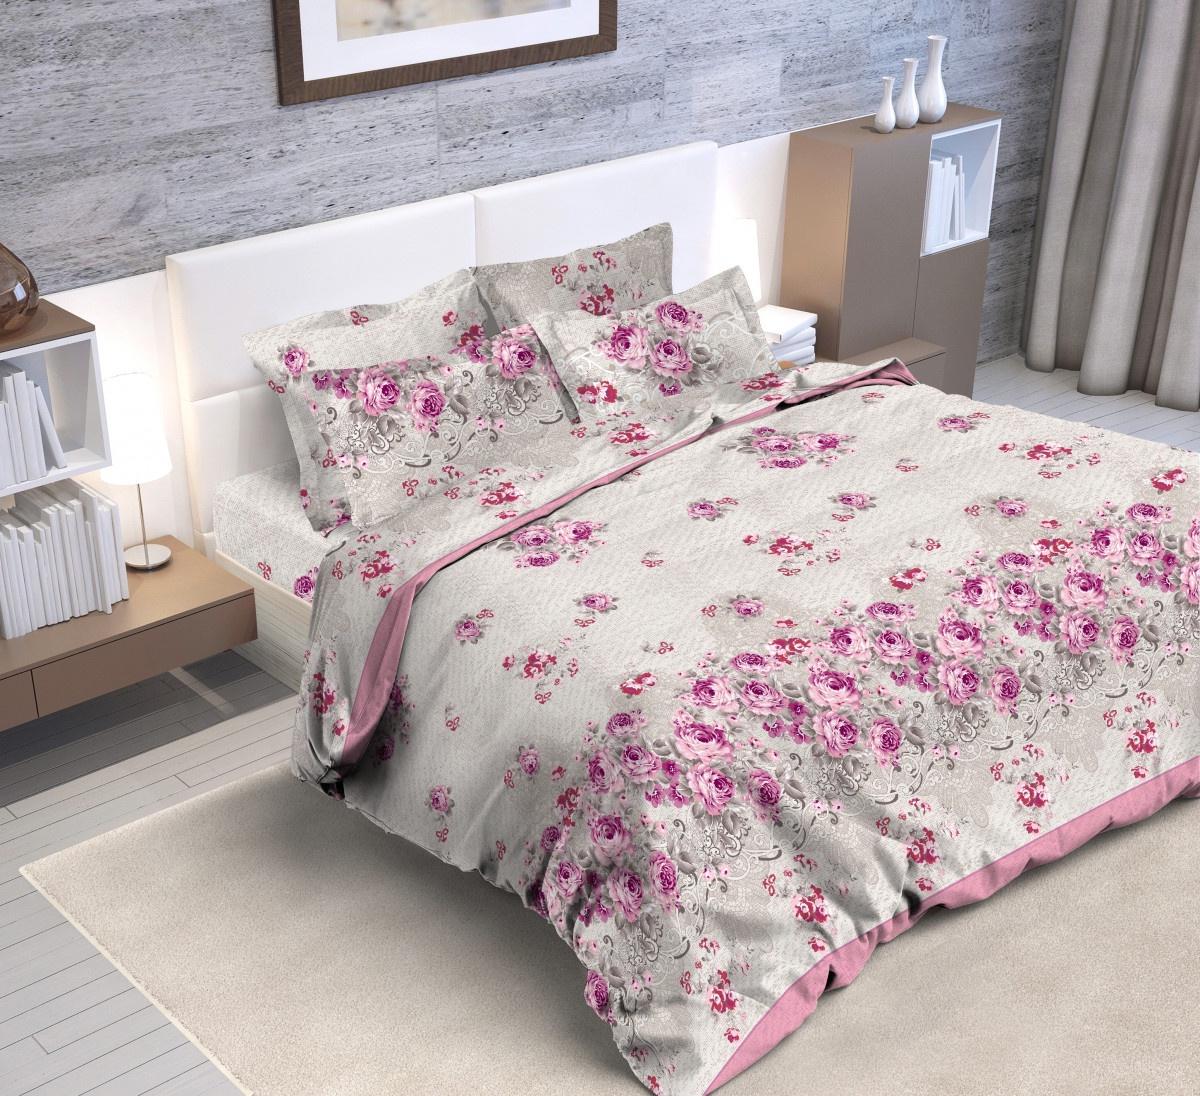 Комплект постельного белья BUTTERFLY поплин (ПК2) рис 7845/2, 2-спальный